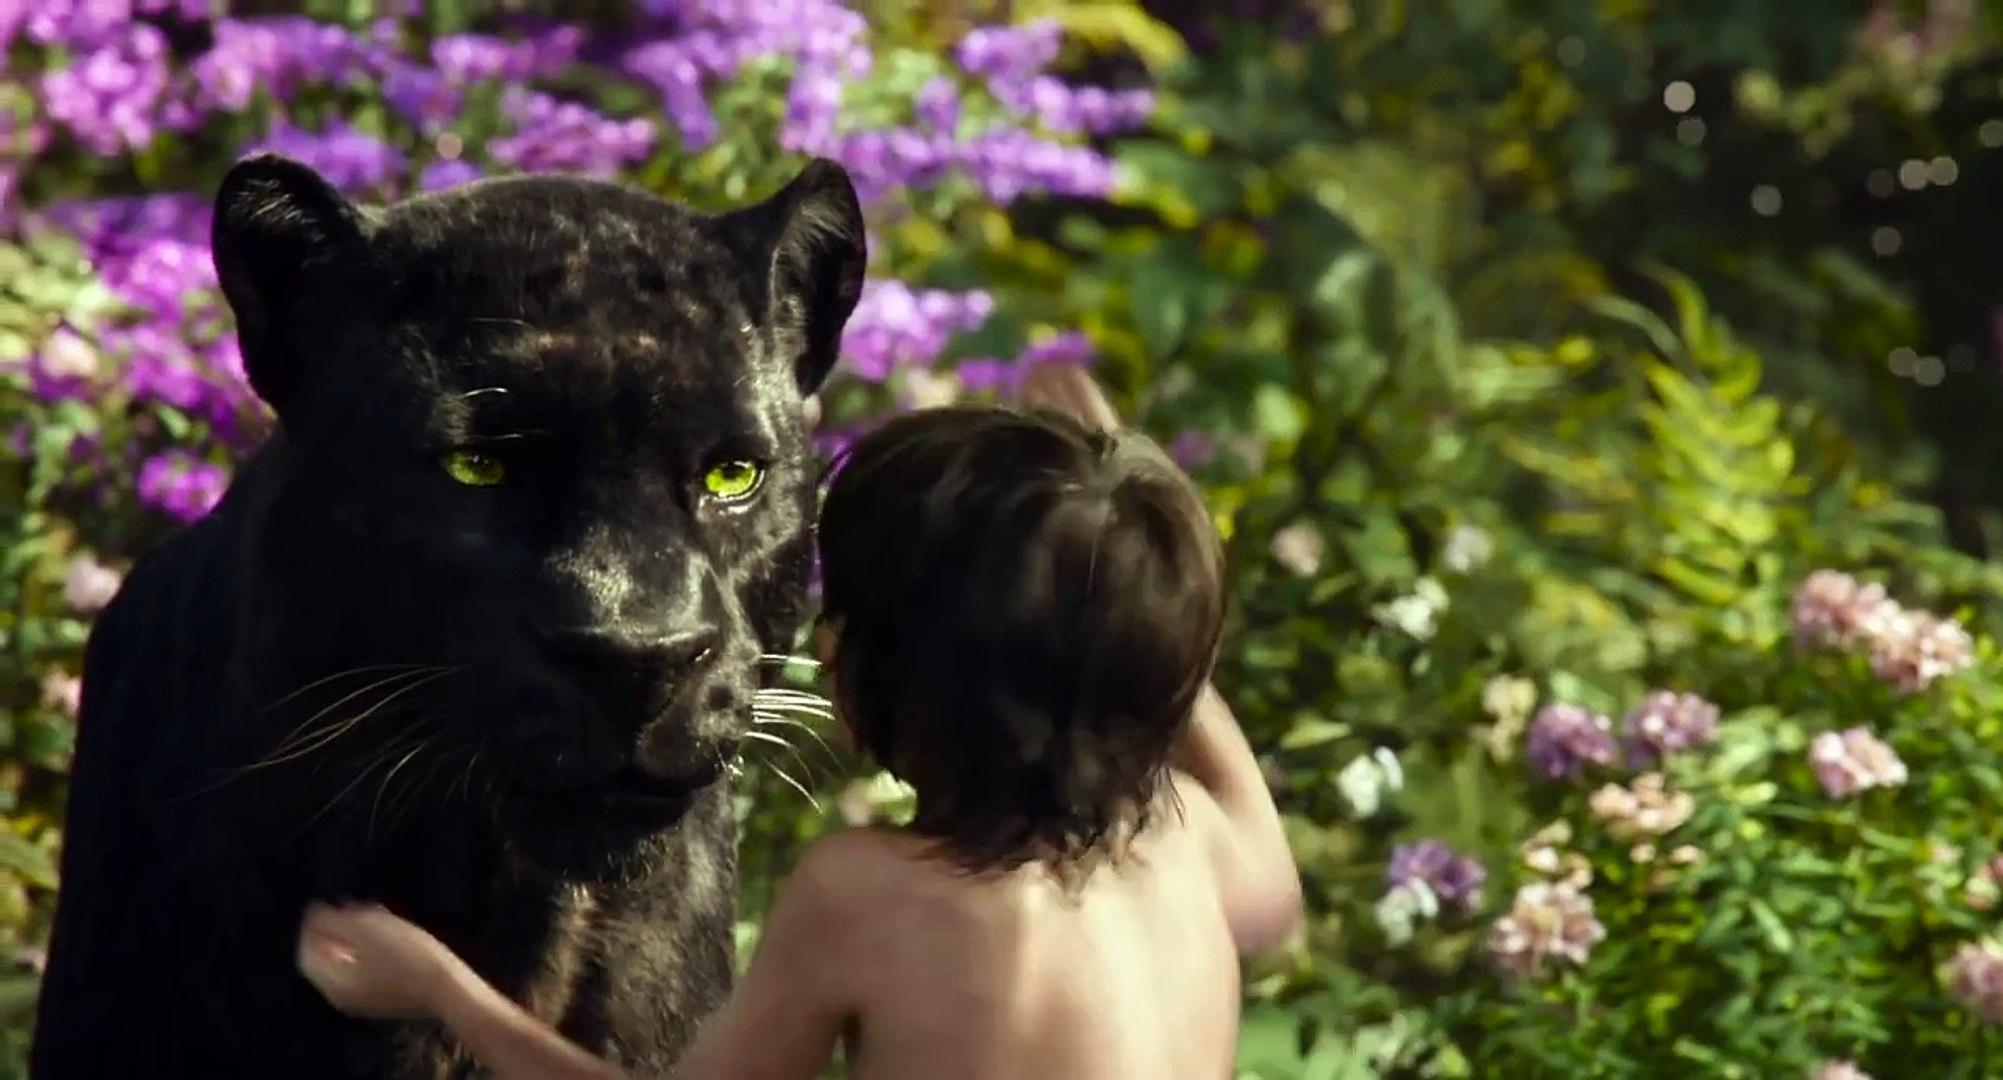 Книга джунглей Наследие 2016 короткометражный фильм живого действия Диснеевский фильм в HD